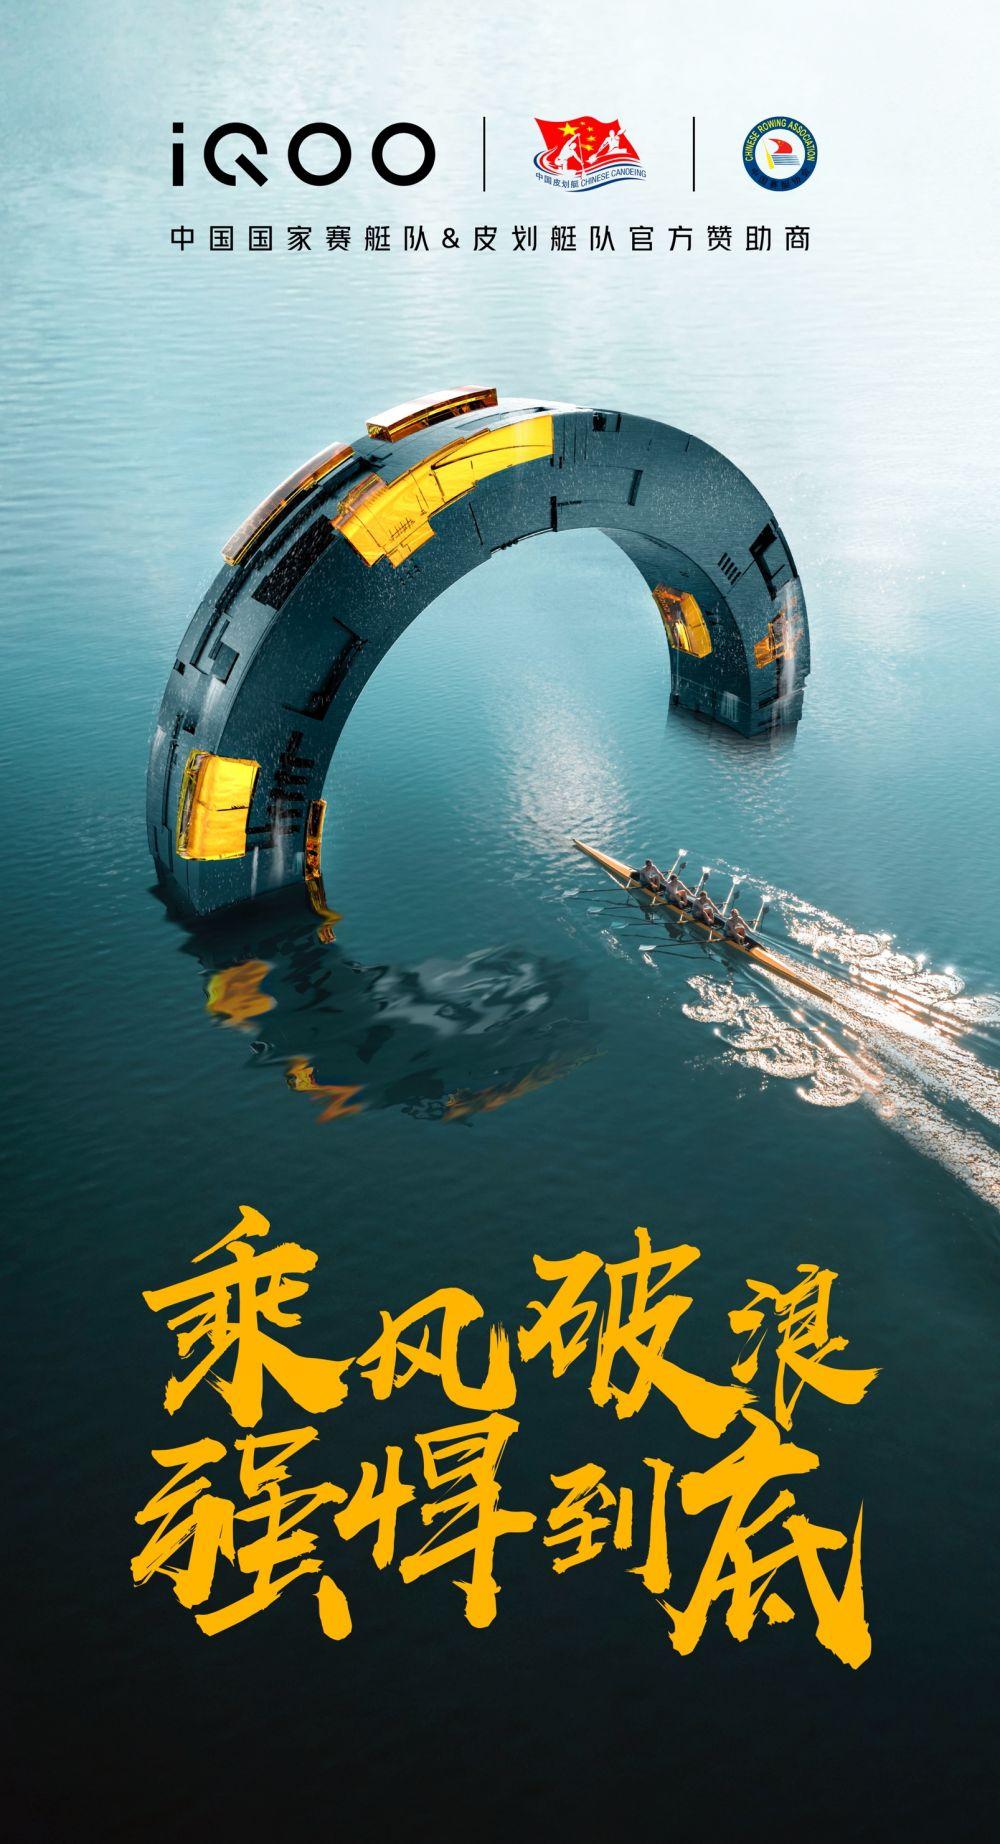 iQOO成为中国国家赛艇队皮划艇队官方赞助商